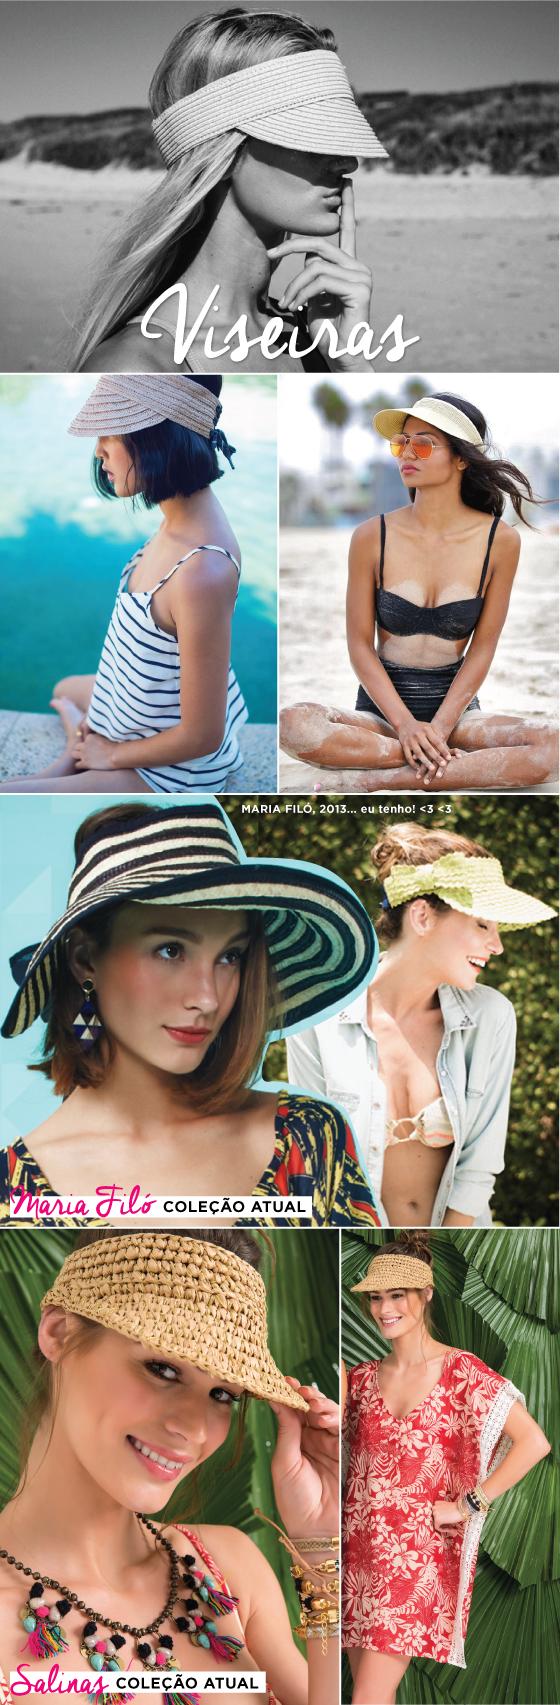 viseiras-visor-hats-onde-comprar-tendencia-praia-salinas-maria-filo